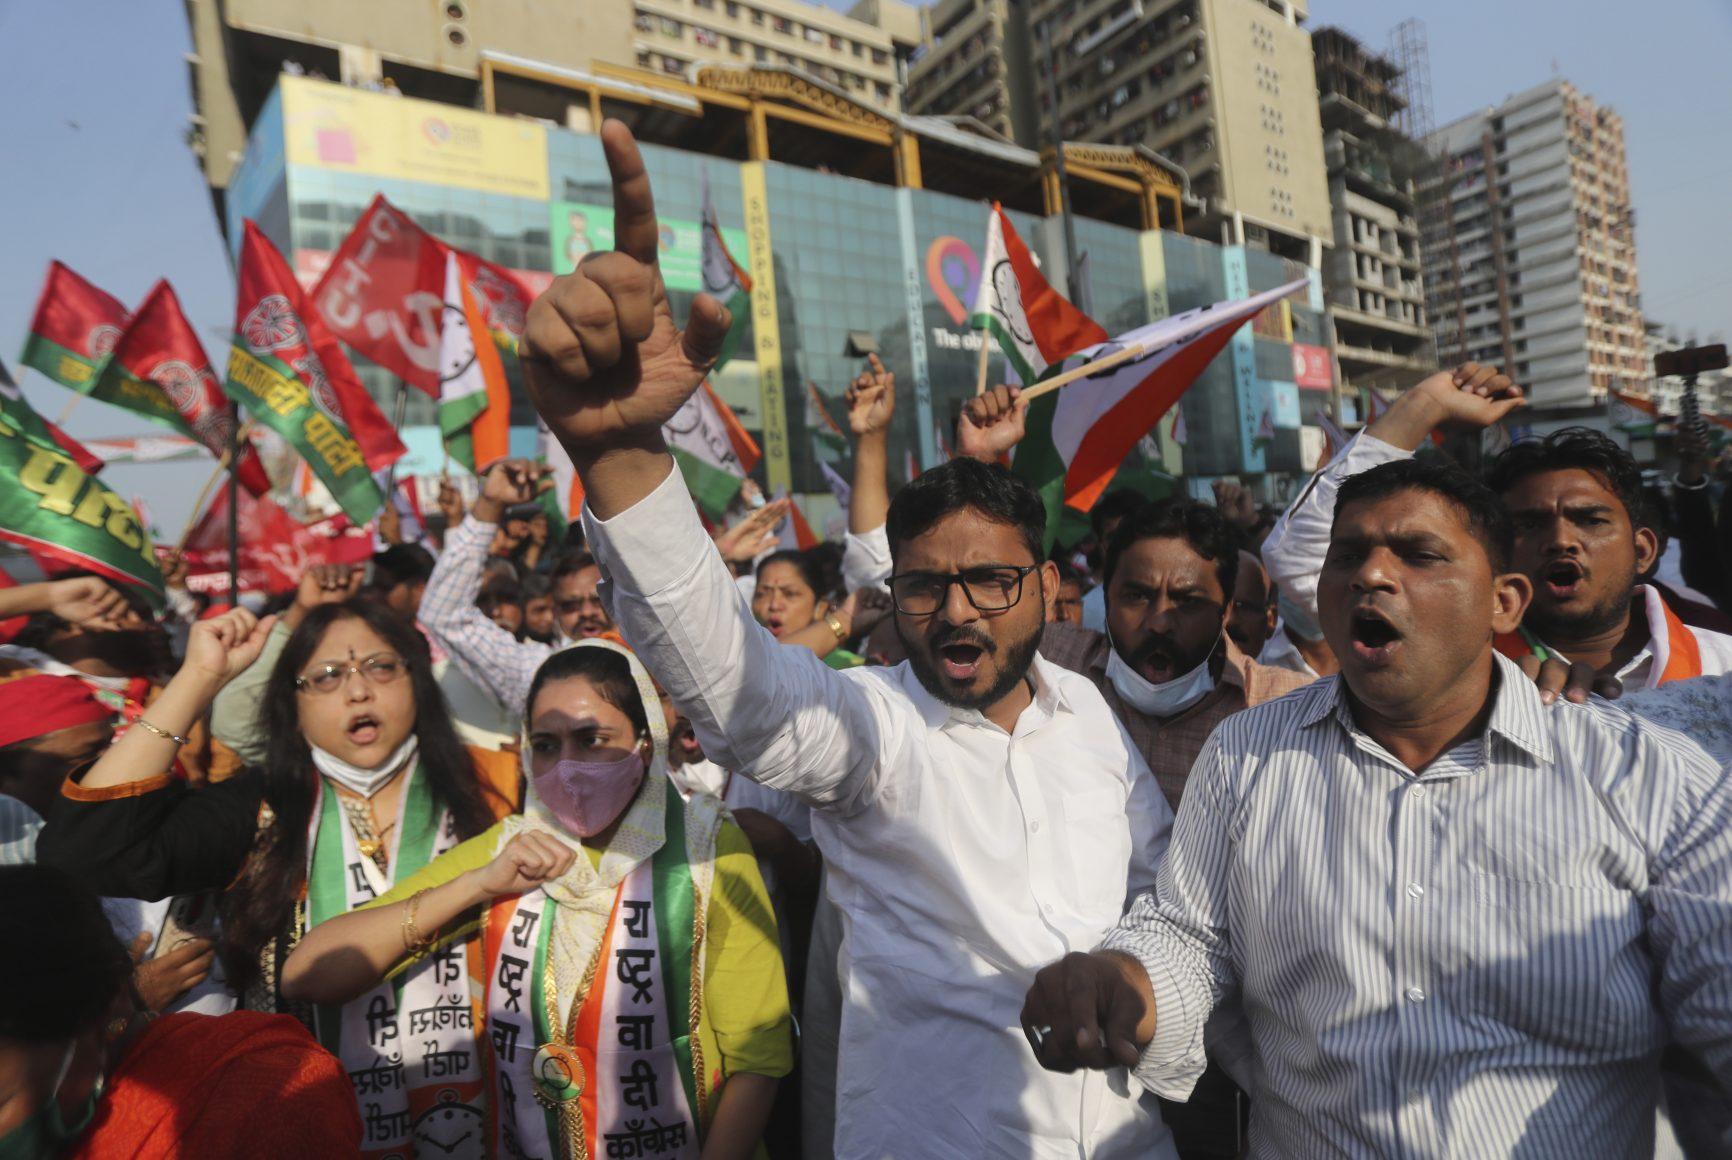 protestors in Mumbai, India